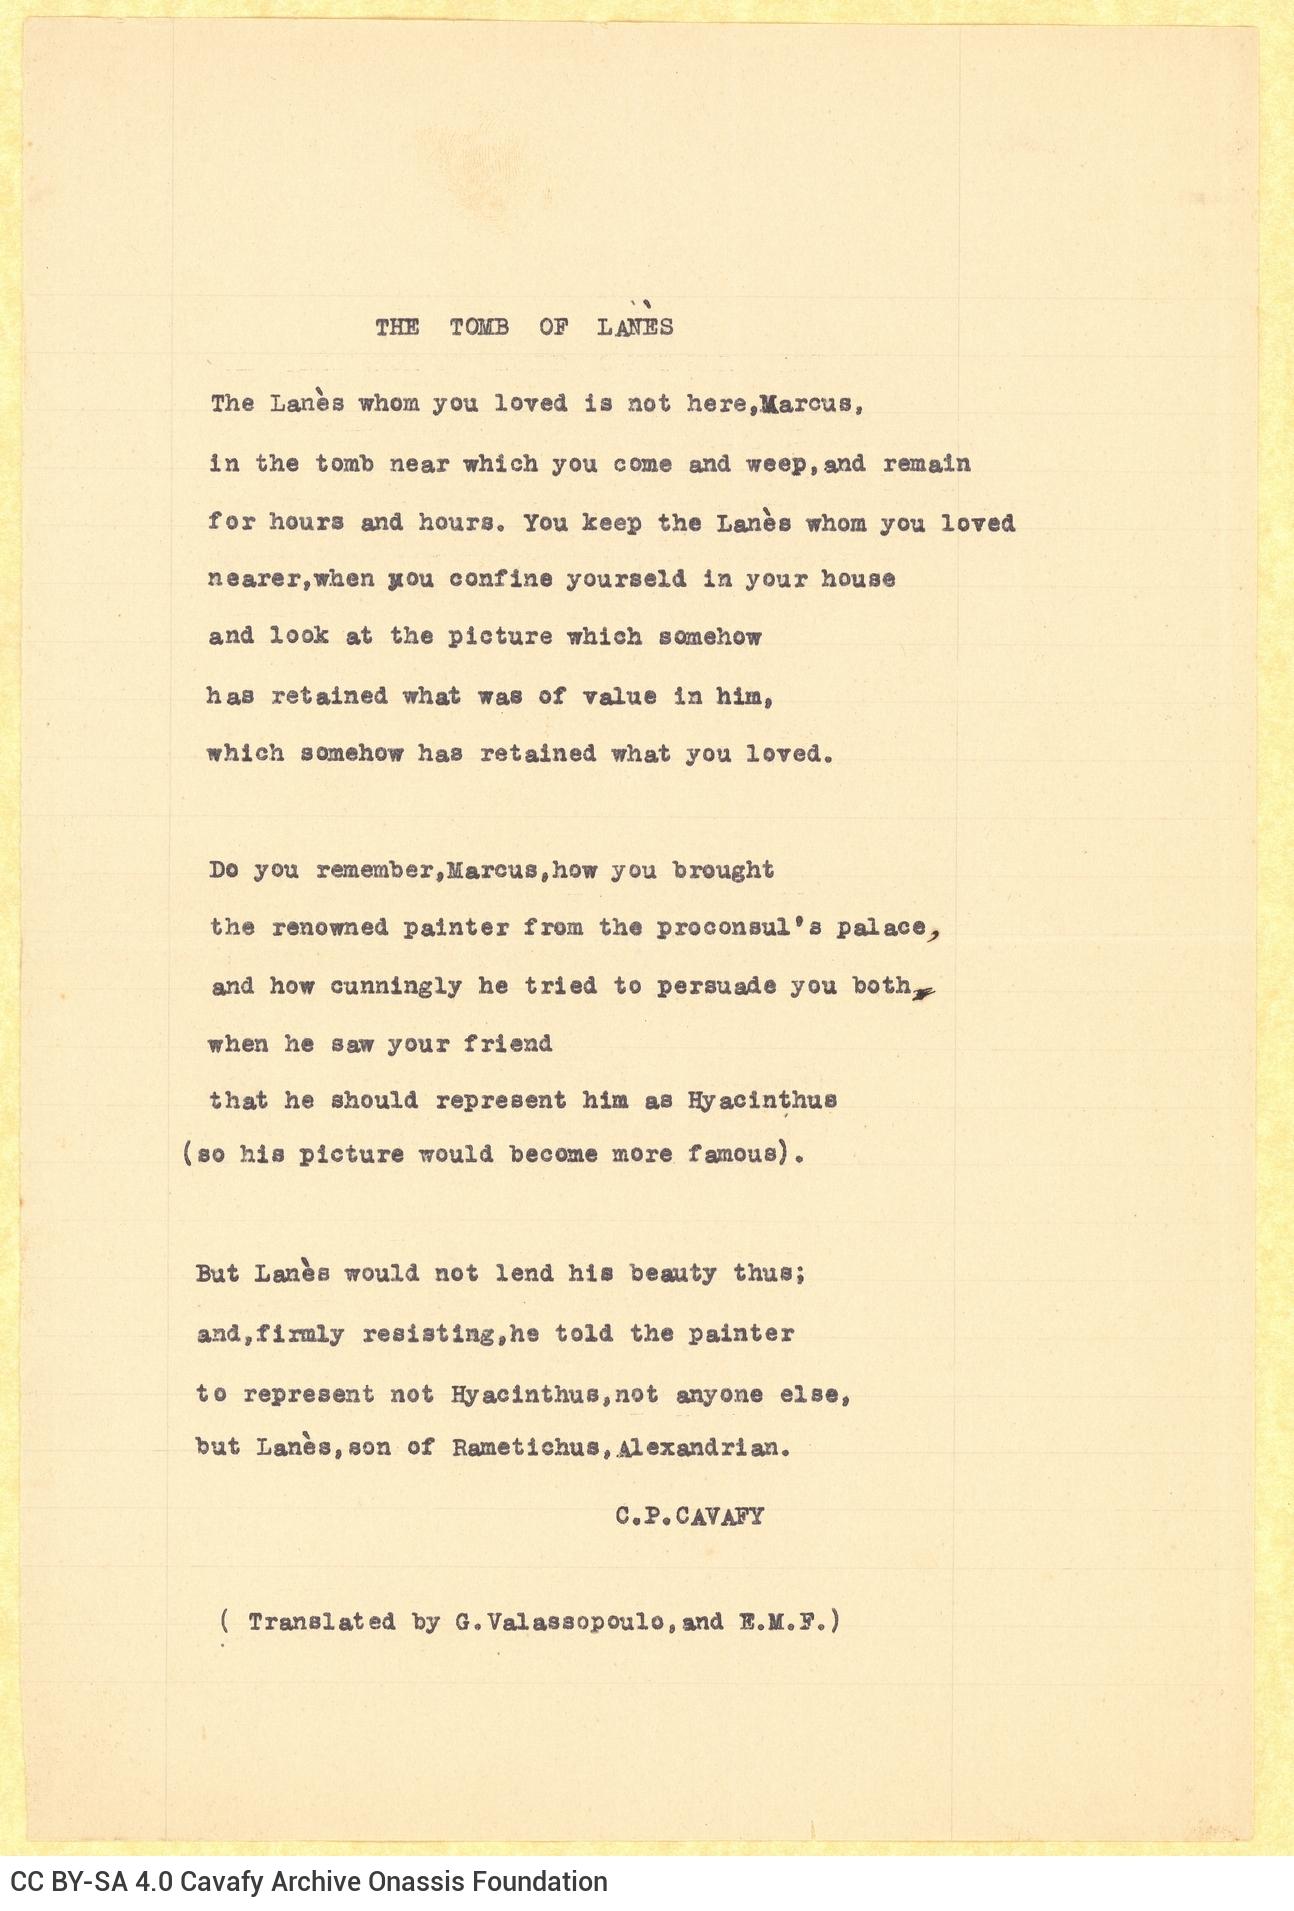 Αγγλική μετάφραση του ποιήματος «Λάνη Τάφος» σε πέντε δακτυλόγραφ